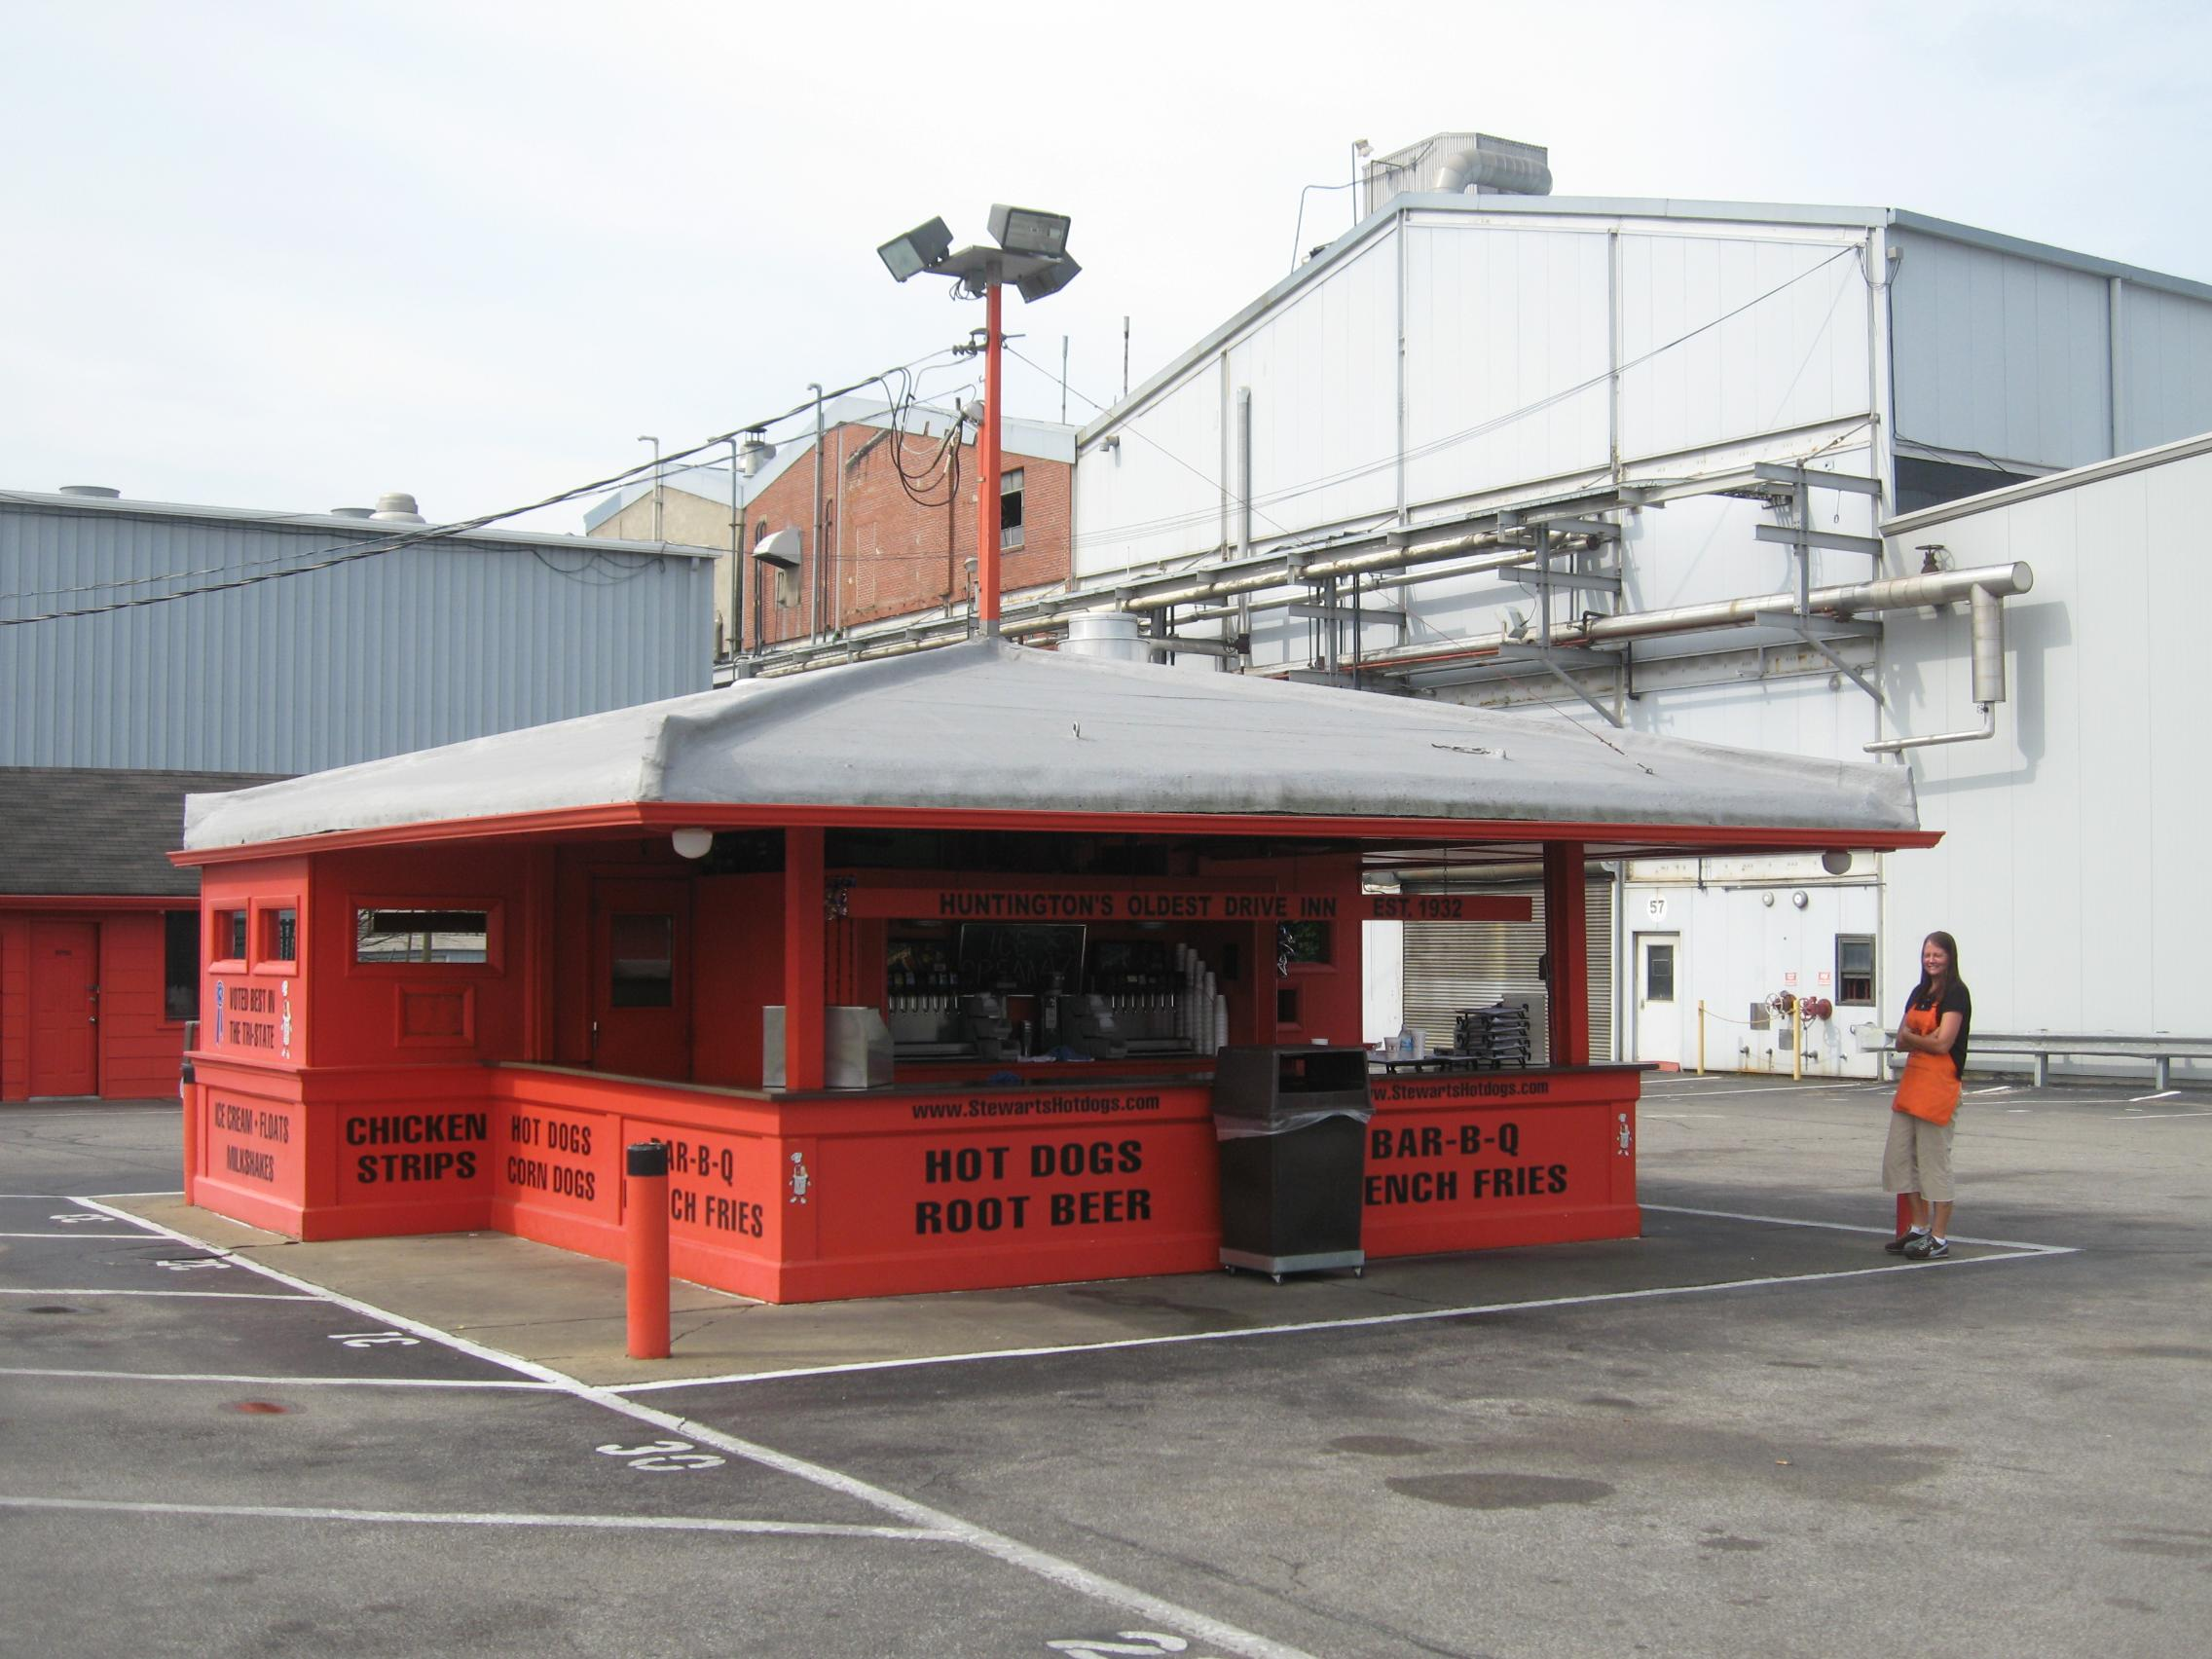 Stewarts Original Hotdog stand today